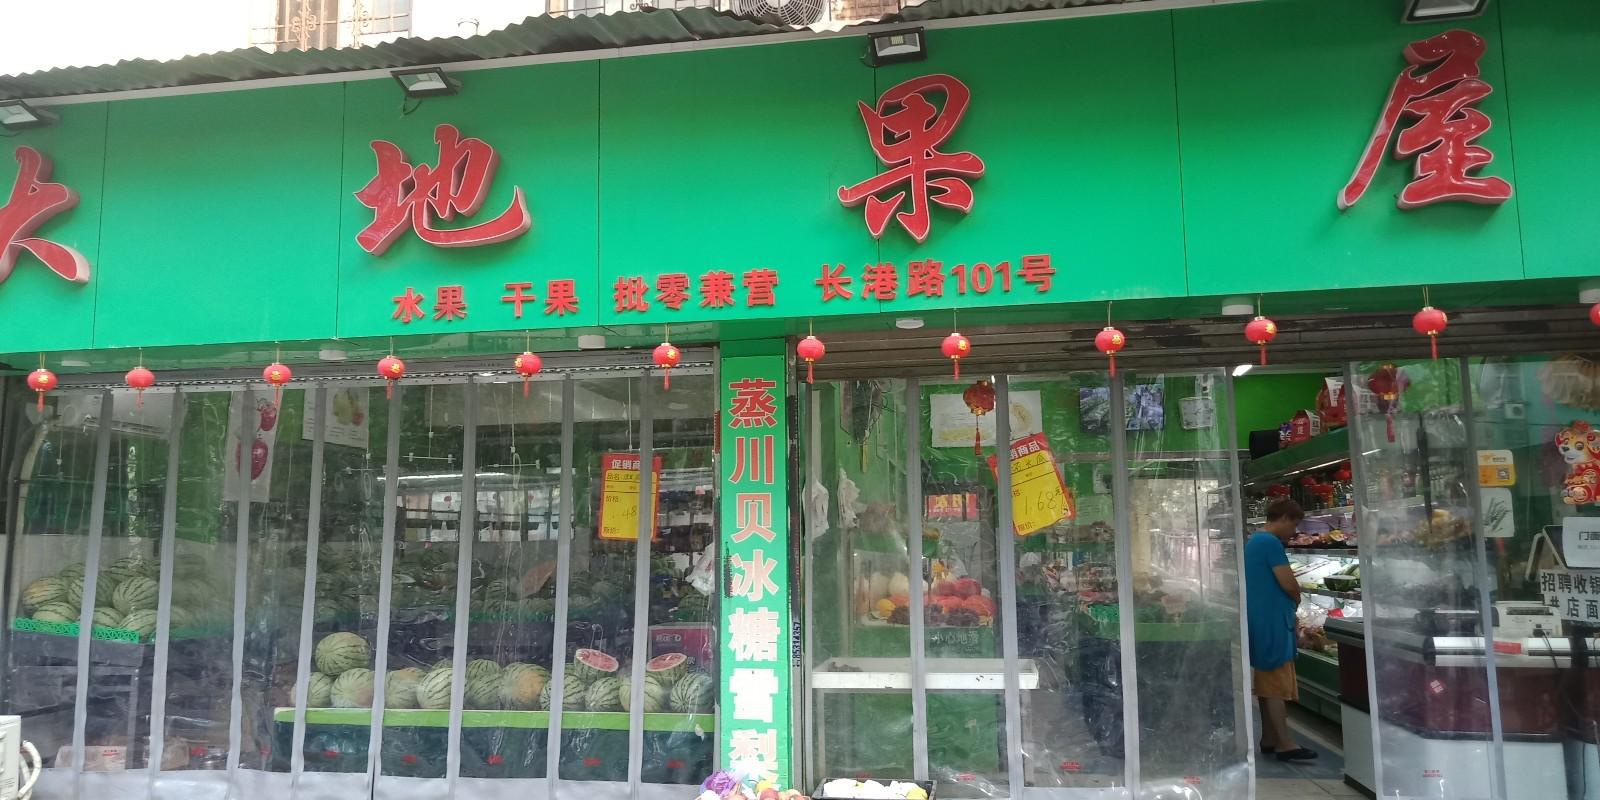 江汉盈利水果店优转